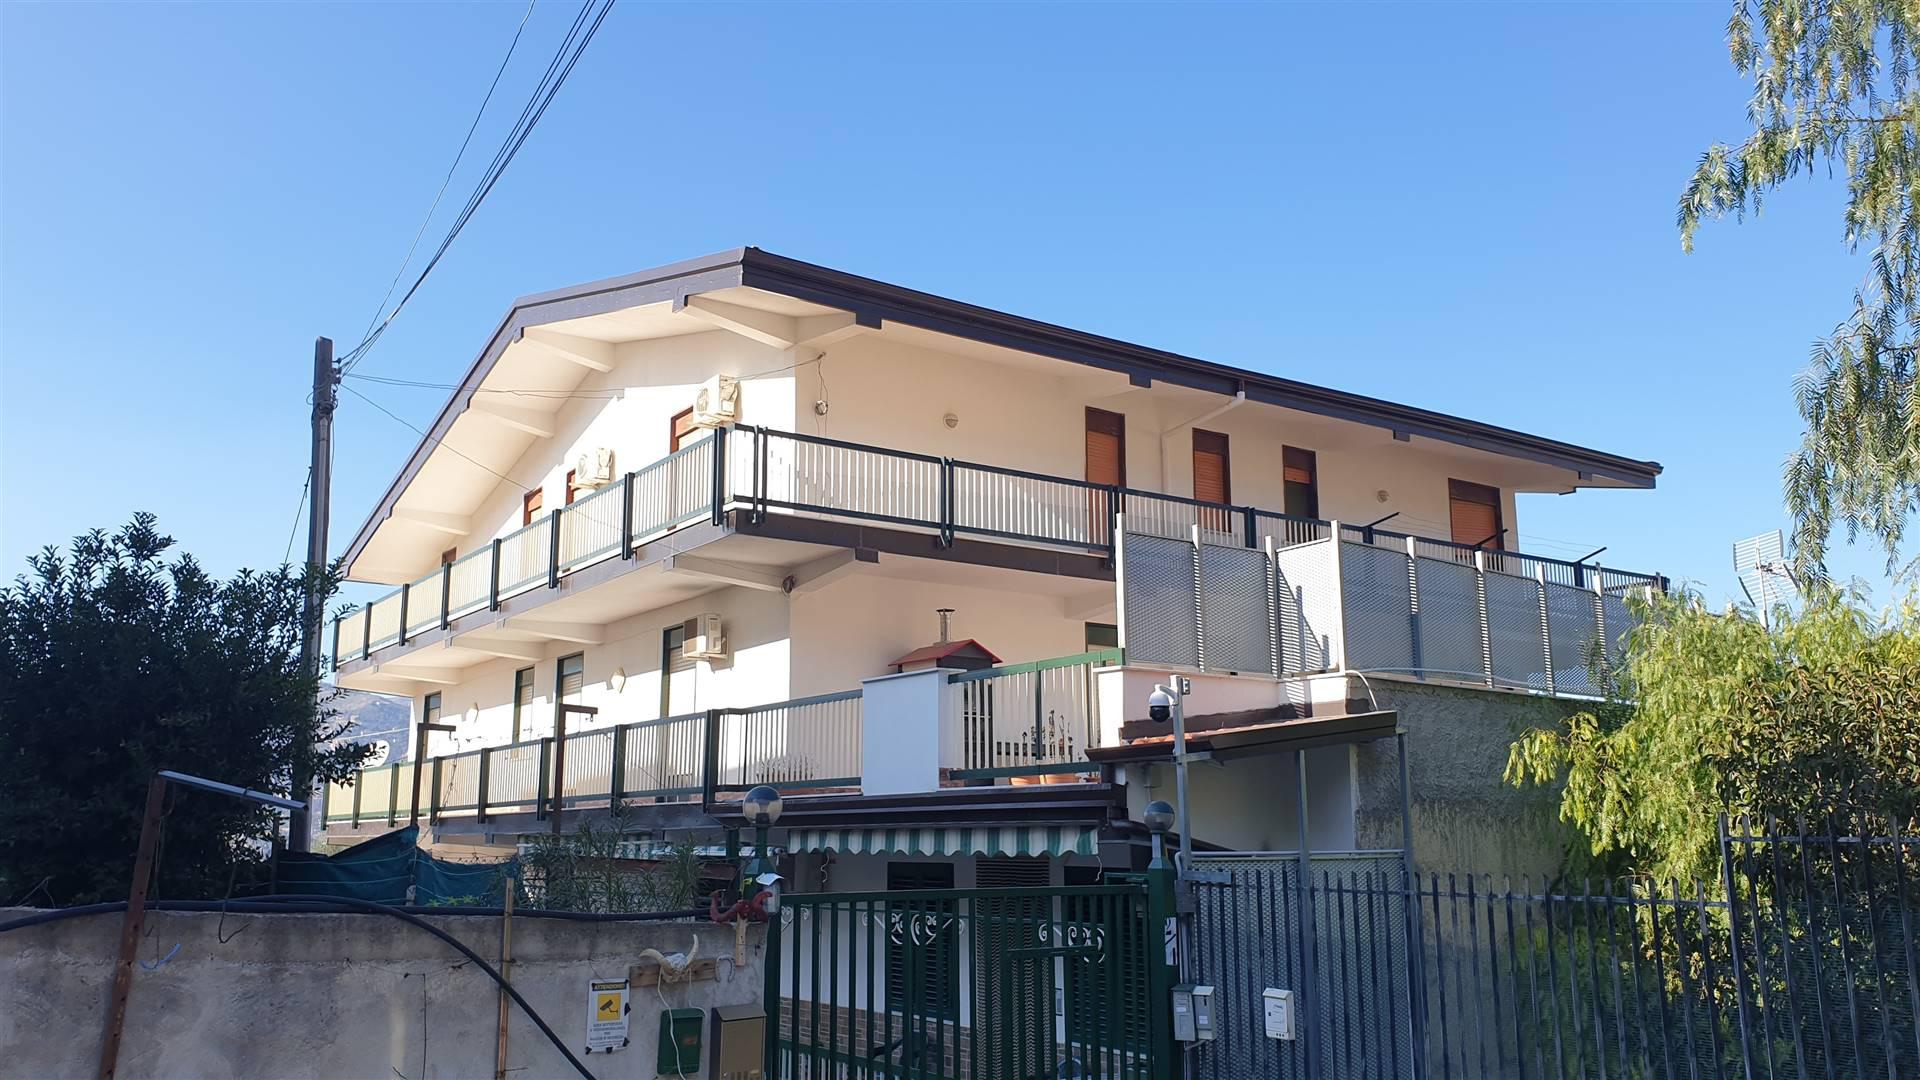 Appartamento in vendita a Monreale, 5 locali, zona aciambra, prezzo € 250.000 | PortaleAgenzieImmobiliari.it